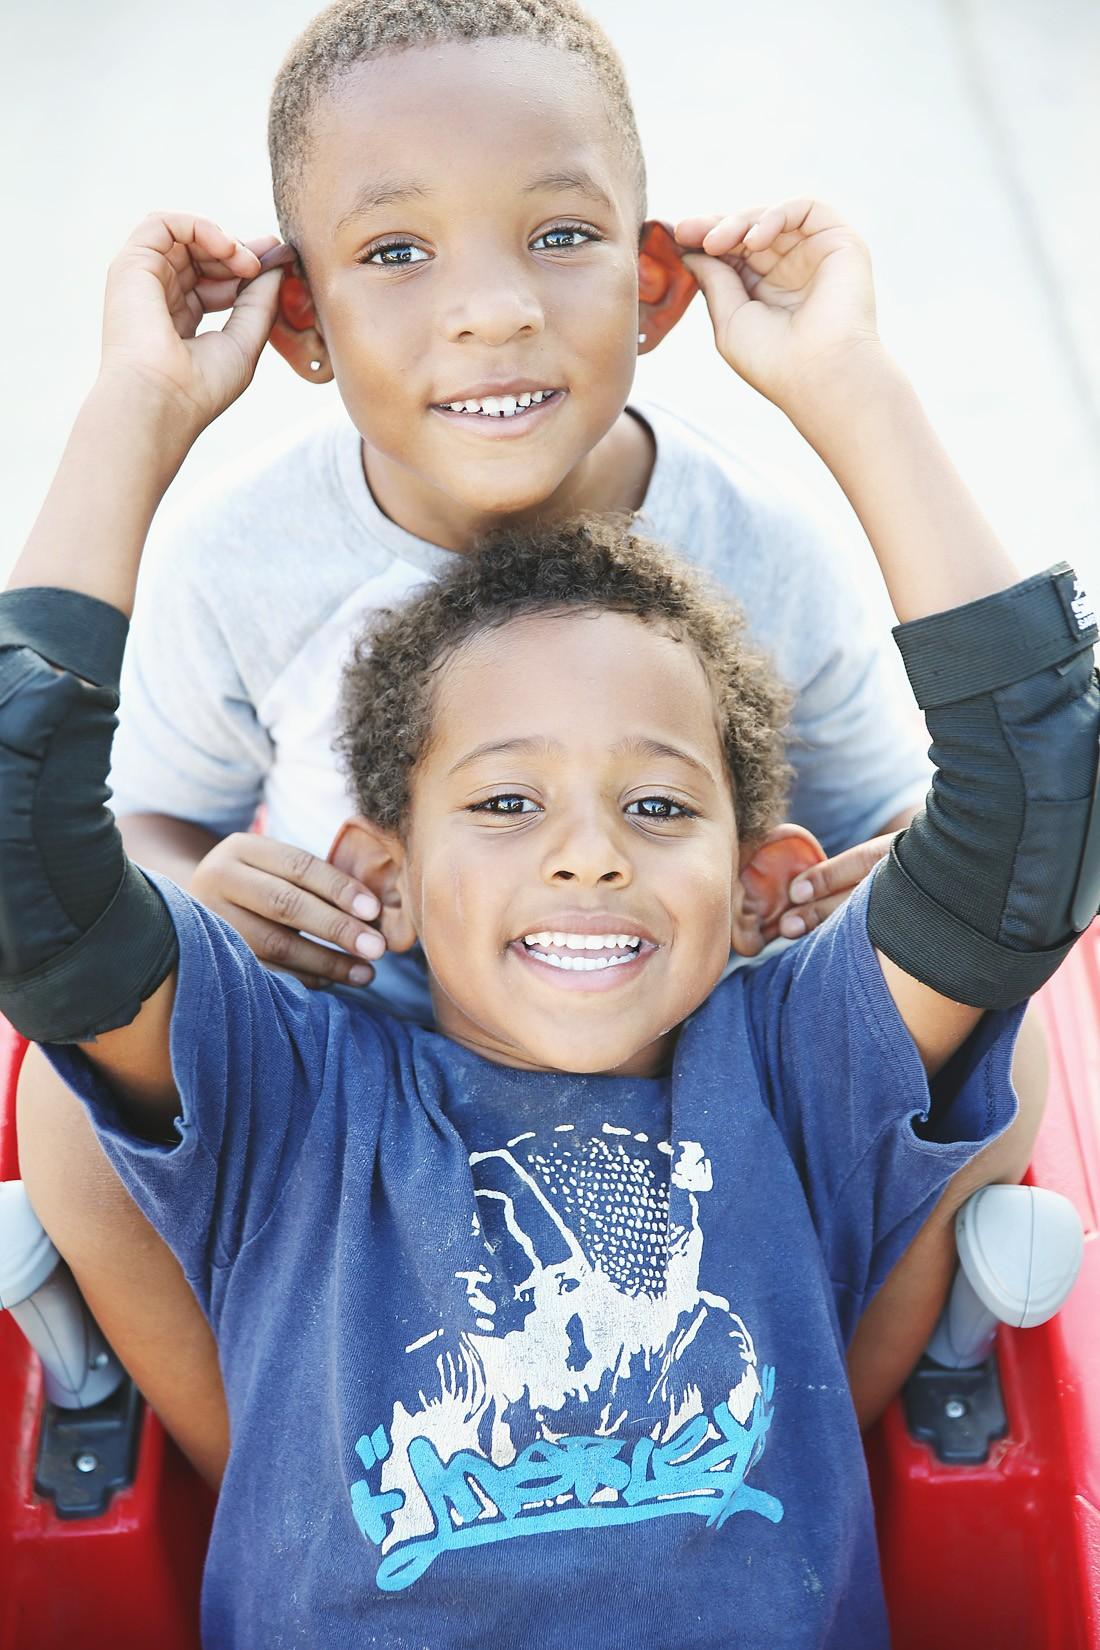 Little Black Boy Joy